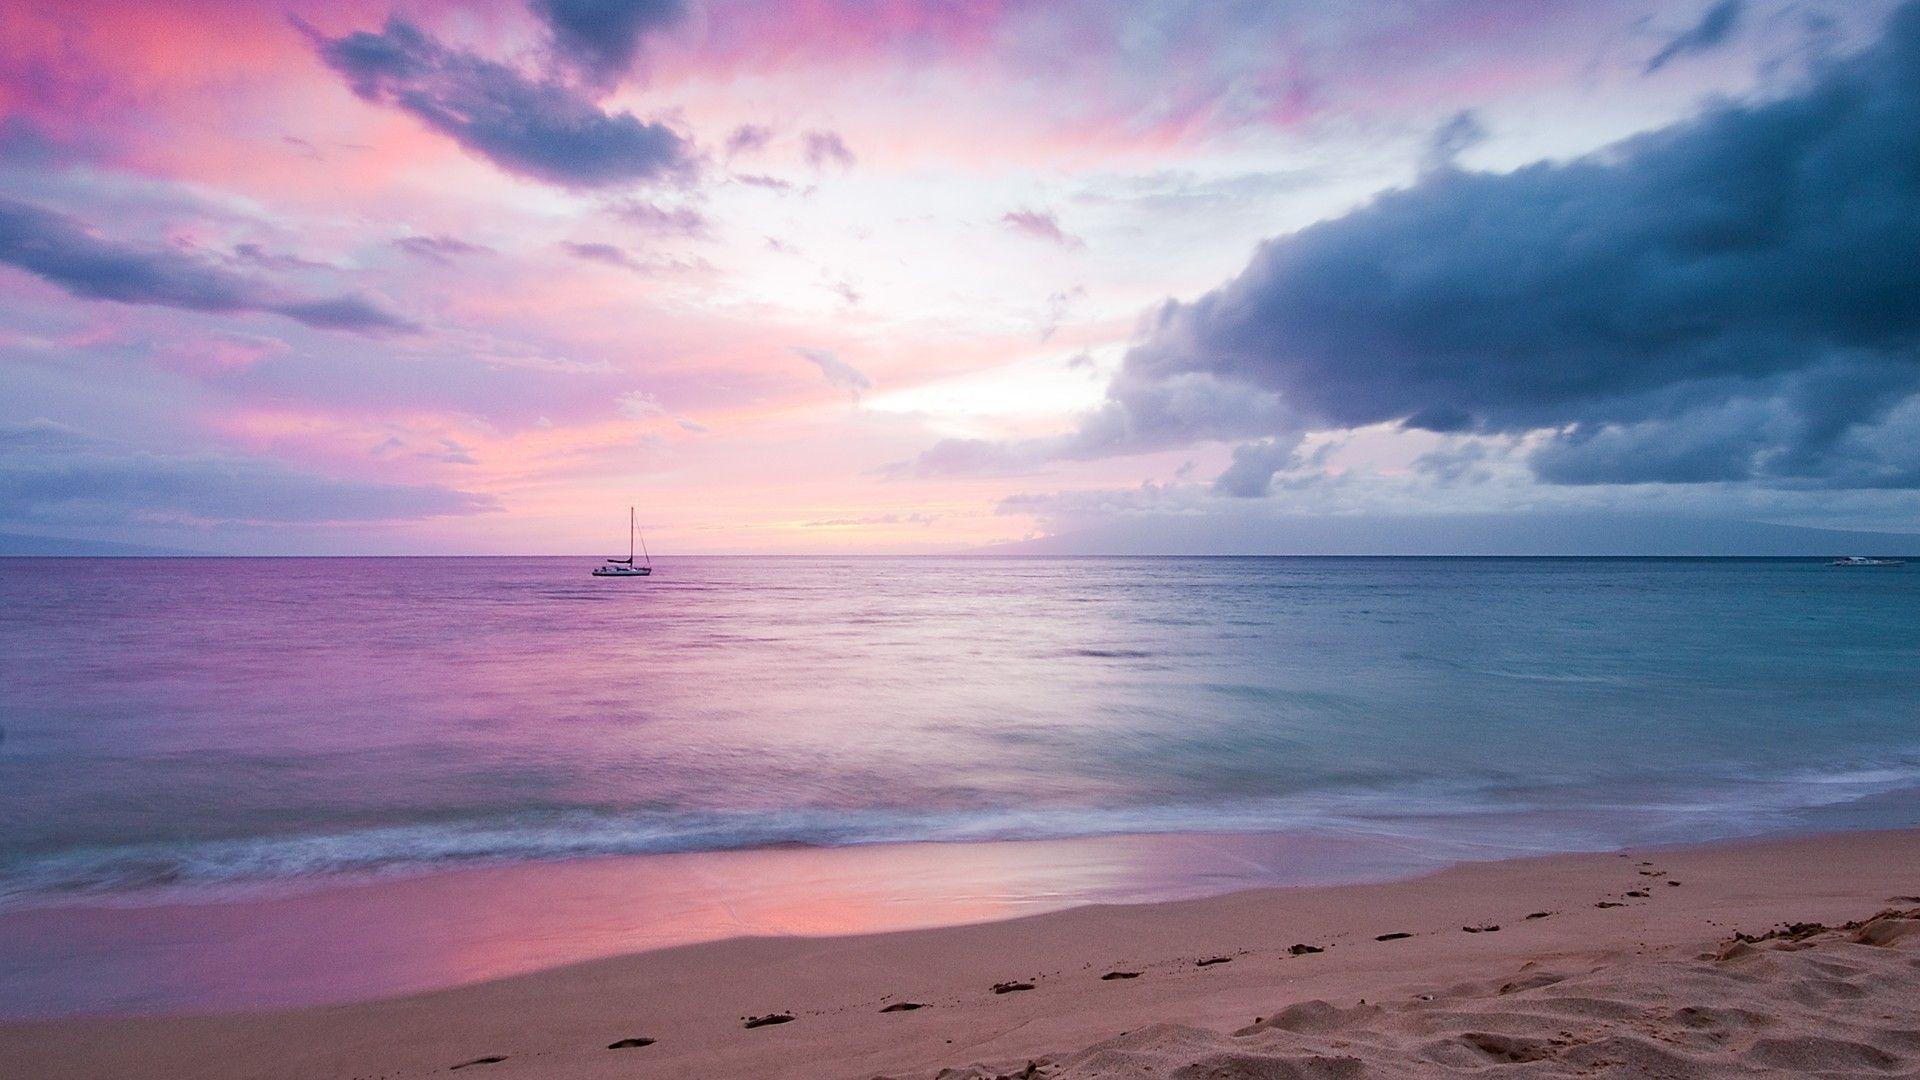 Beaches scenic sea (1920x1080, scenic, sea)  via www.allwallpaper.in